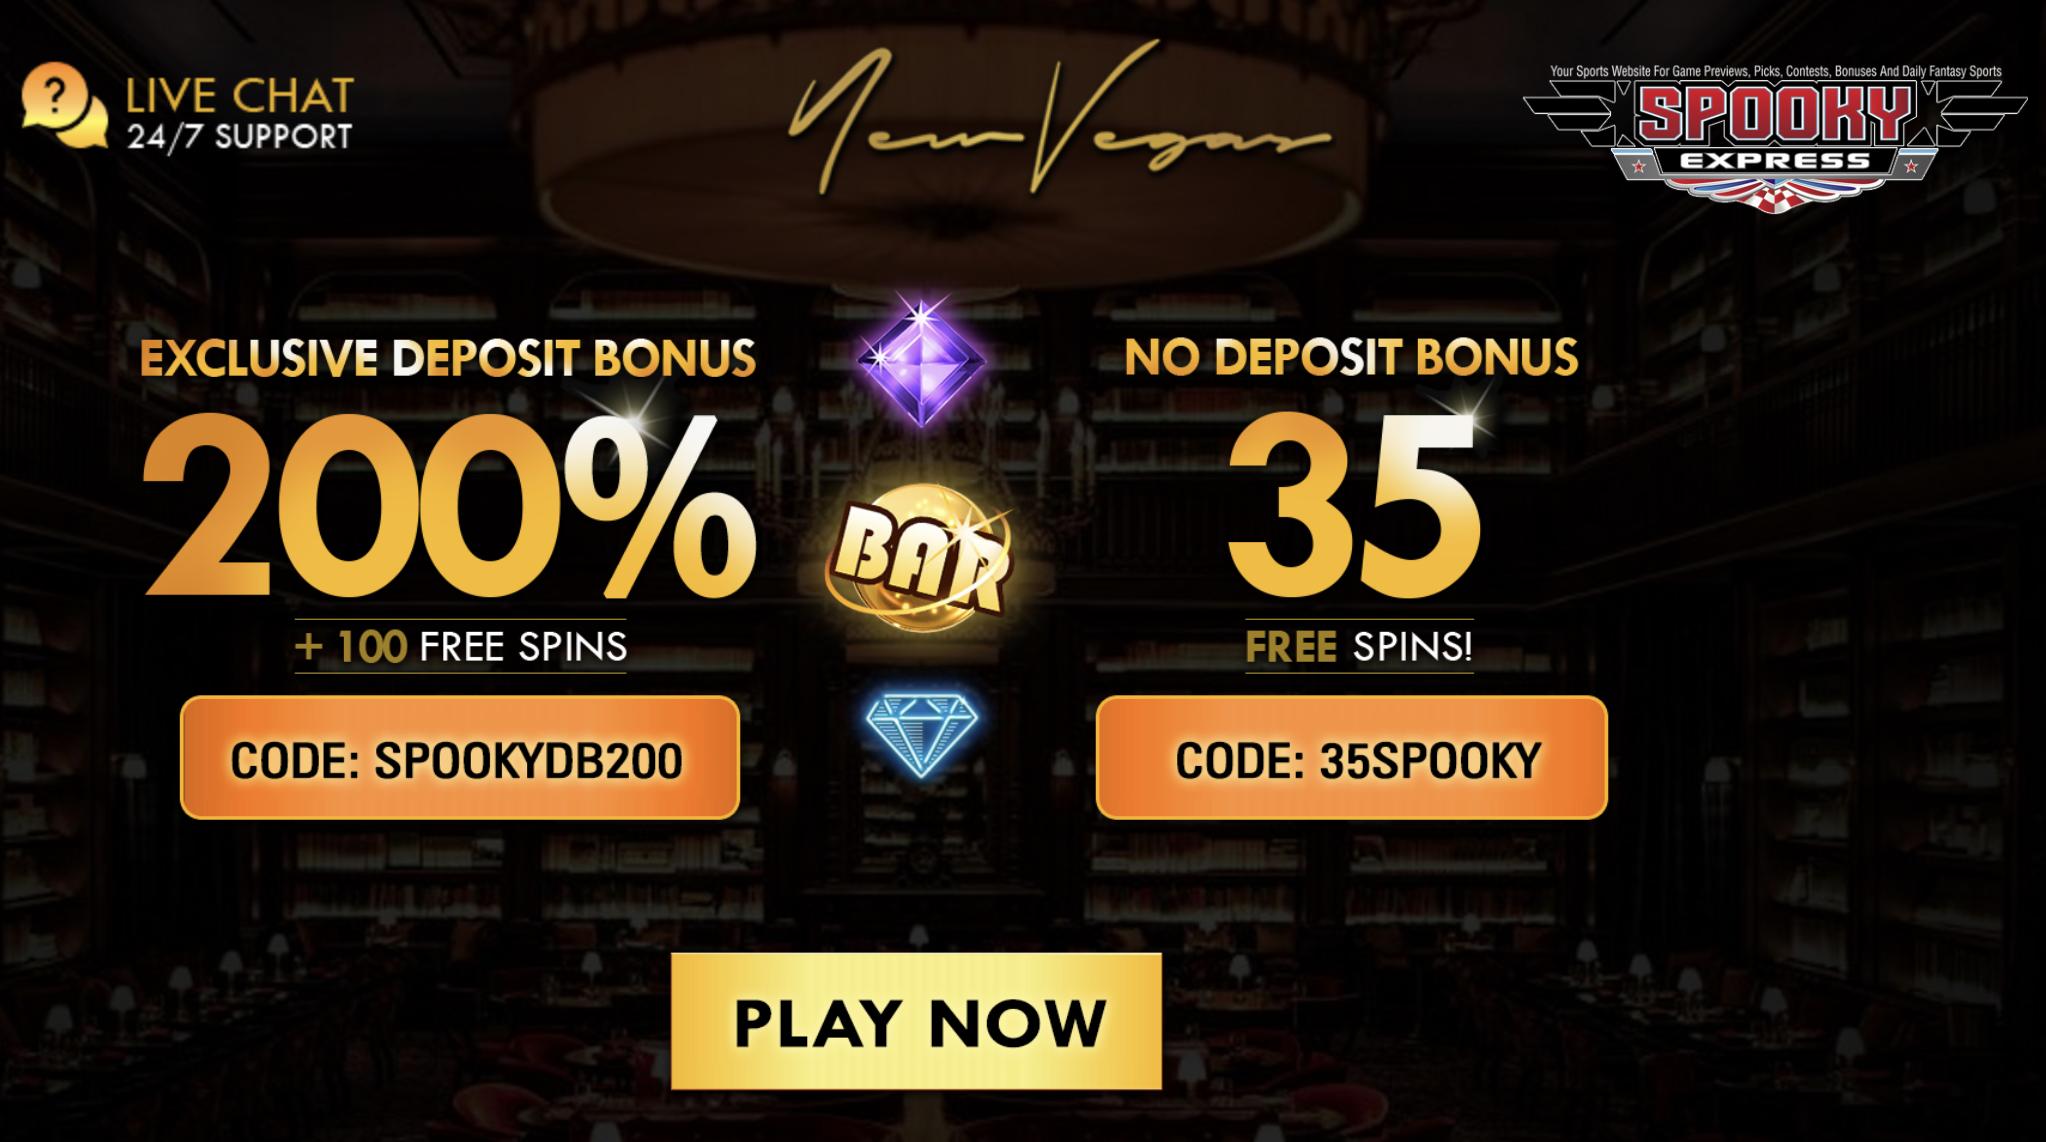 Dash casino no deposit bonus casino cz online film